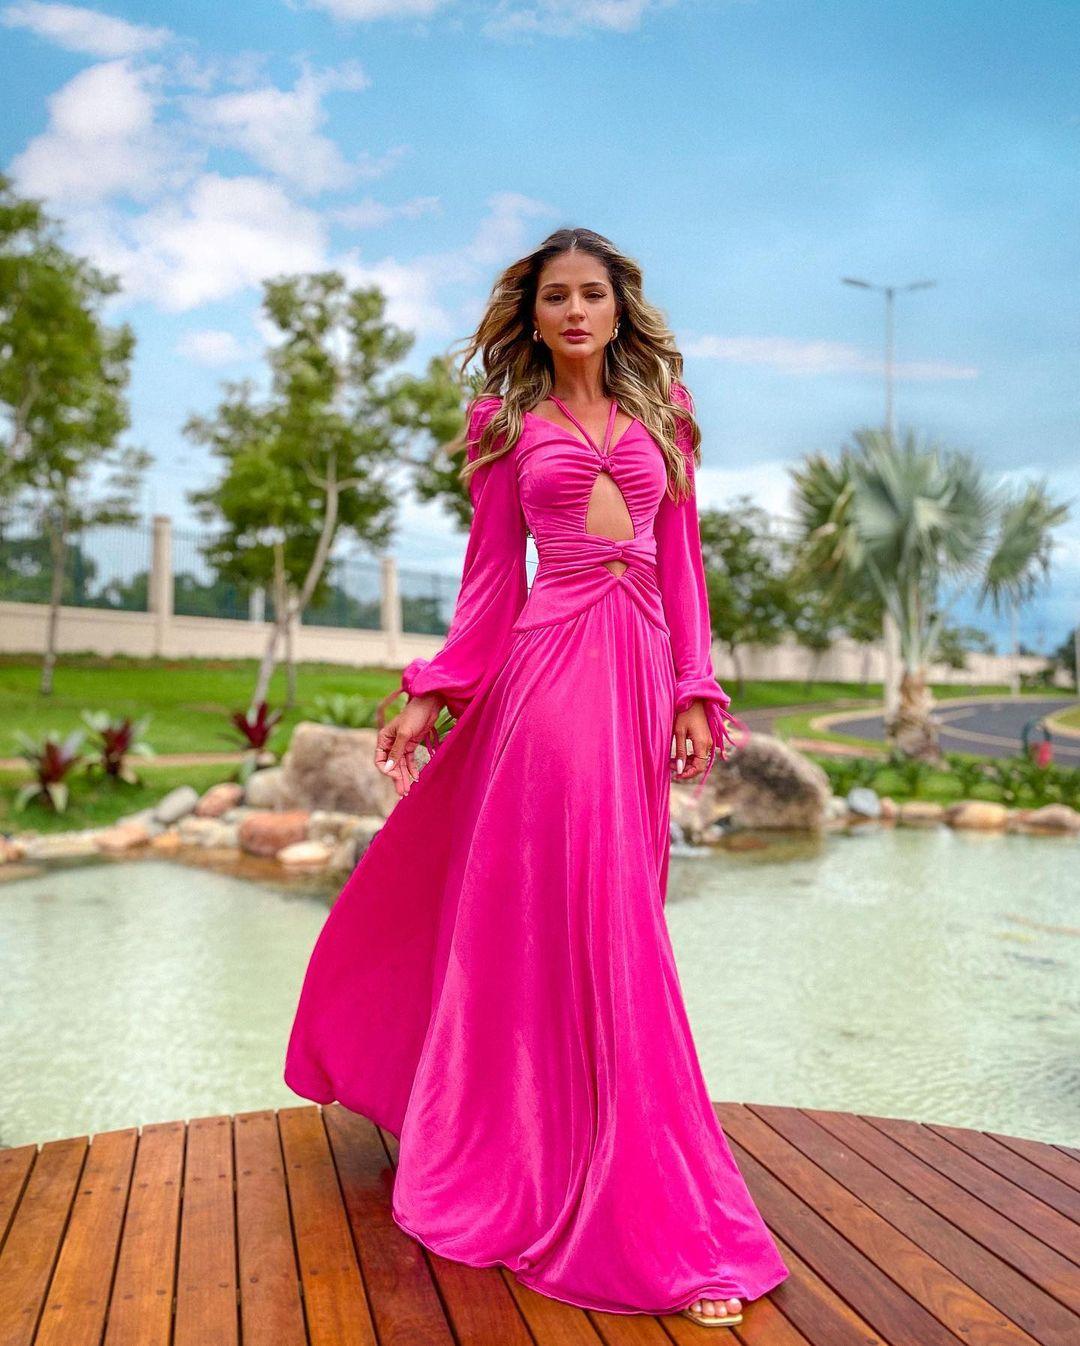 1612584559 479 echa un vistazo a las opciones para comprar y 30 - 40 modelos de vestidos rosas para un look que no pasa desapercibido